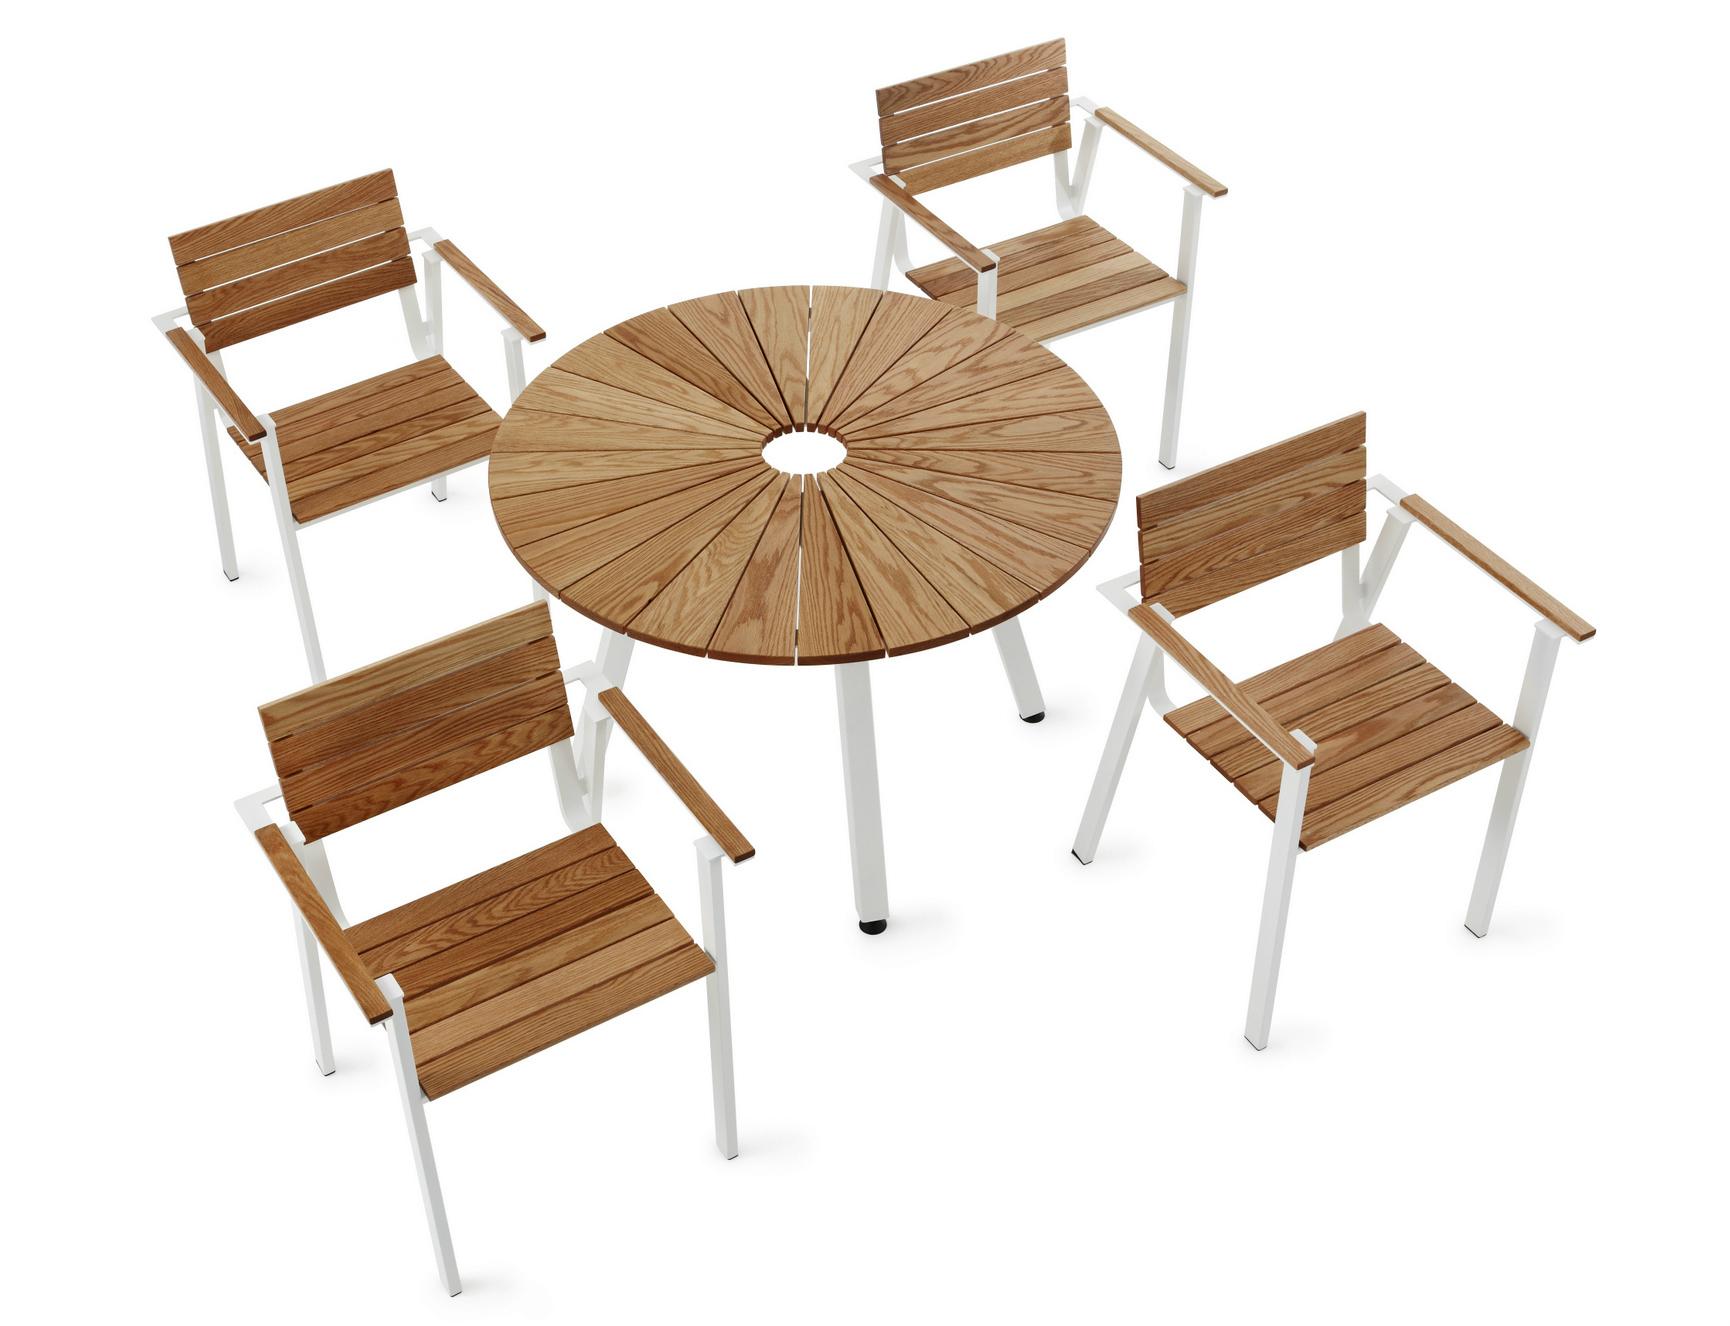 Table de jardin ronde avec trou central Sunset by Nola